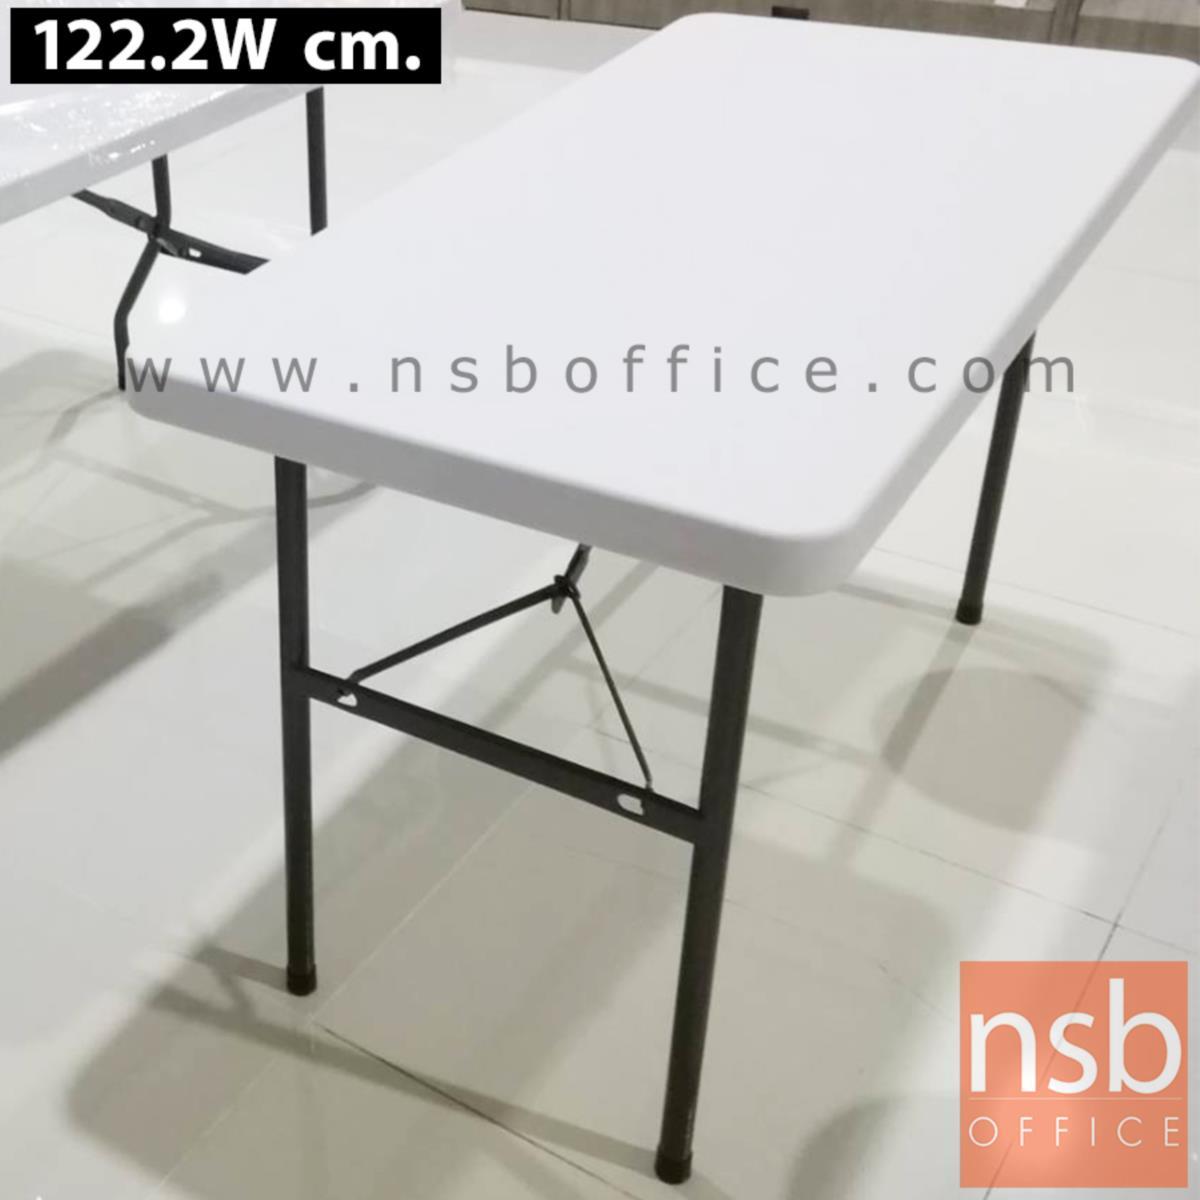 โต๊ะพับหน้าพลาสติก รุ่น Colossal (โคลอซซอล) ขนาด 122.2W, 150W, 180W cm.  ขาอีพ็อกซี่เกล็ดเงิน